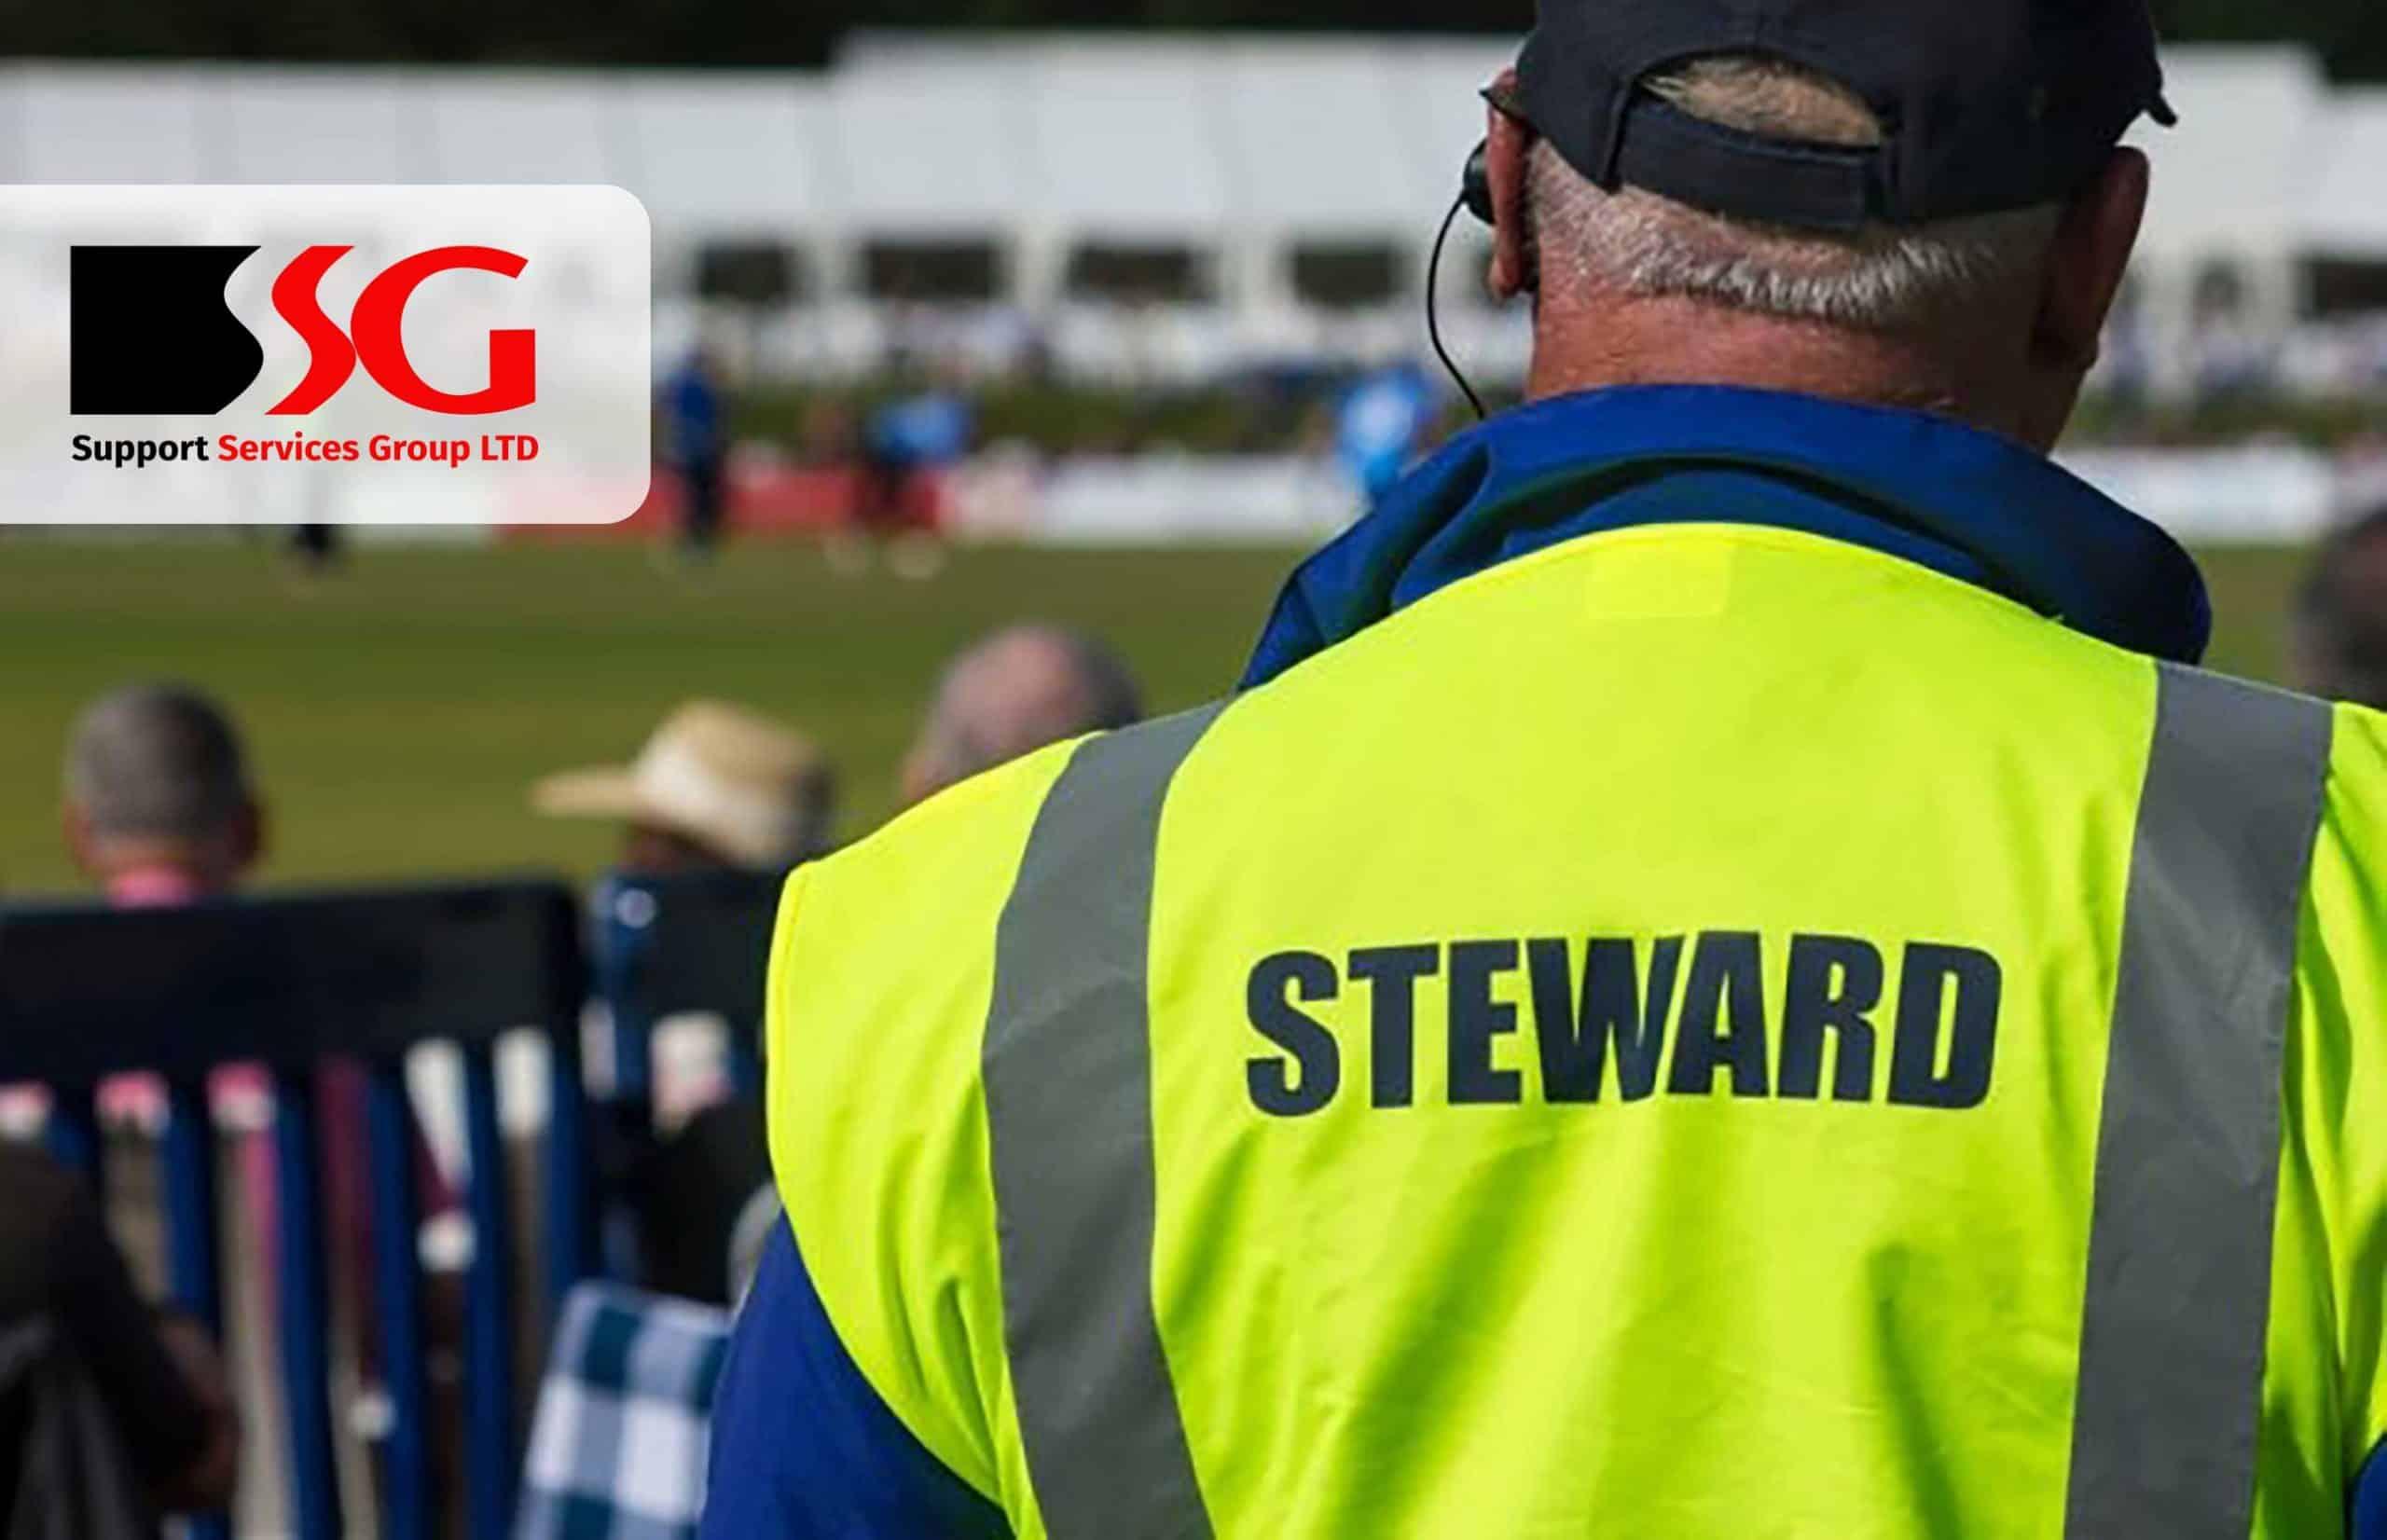 SSG Stewarding services